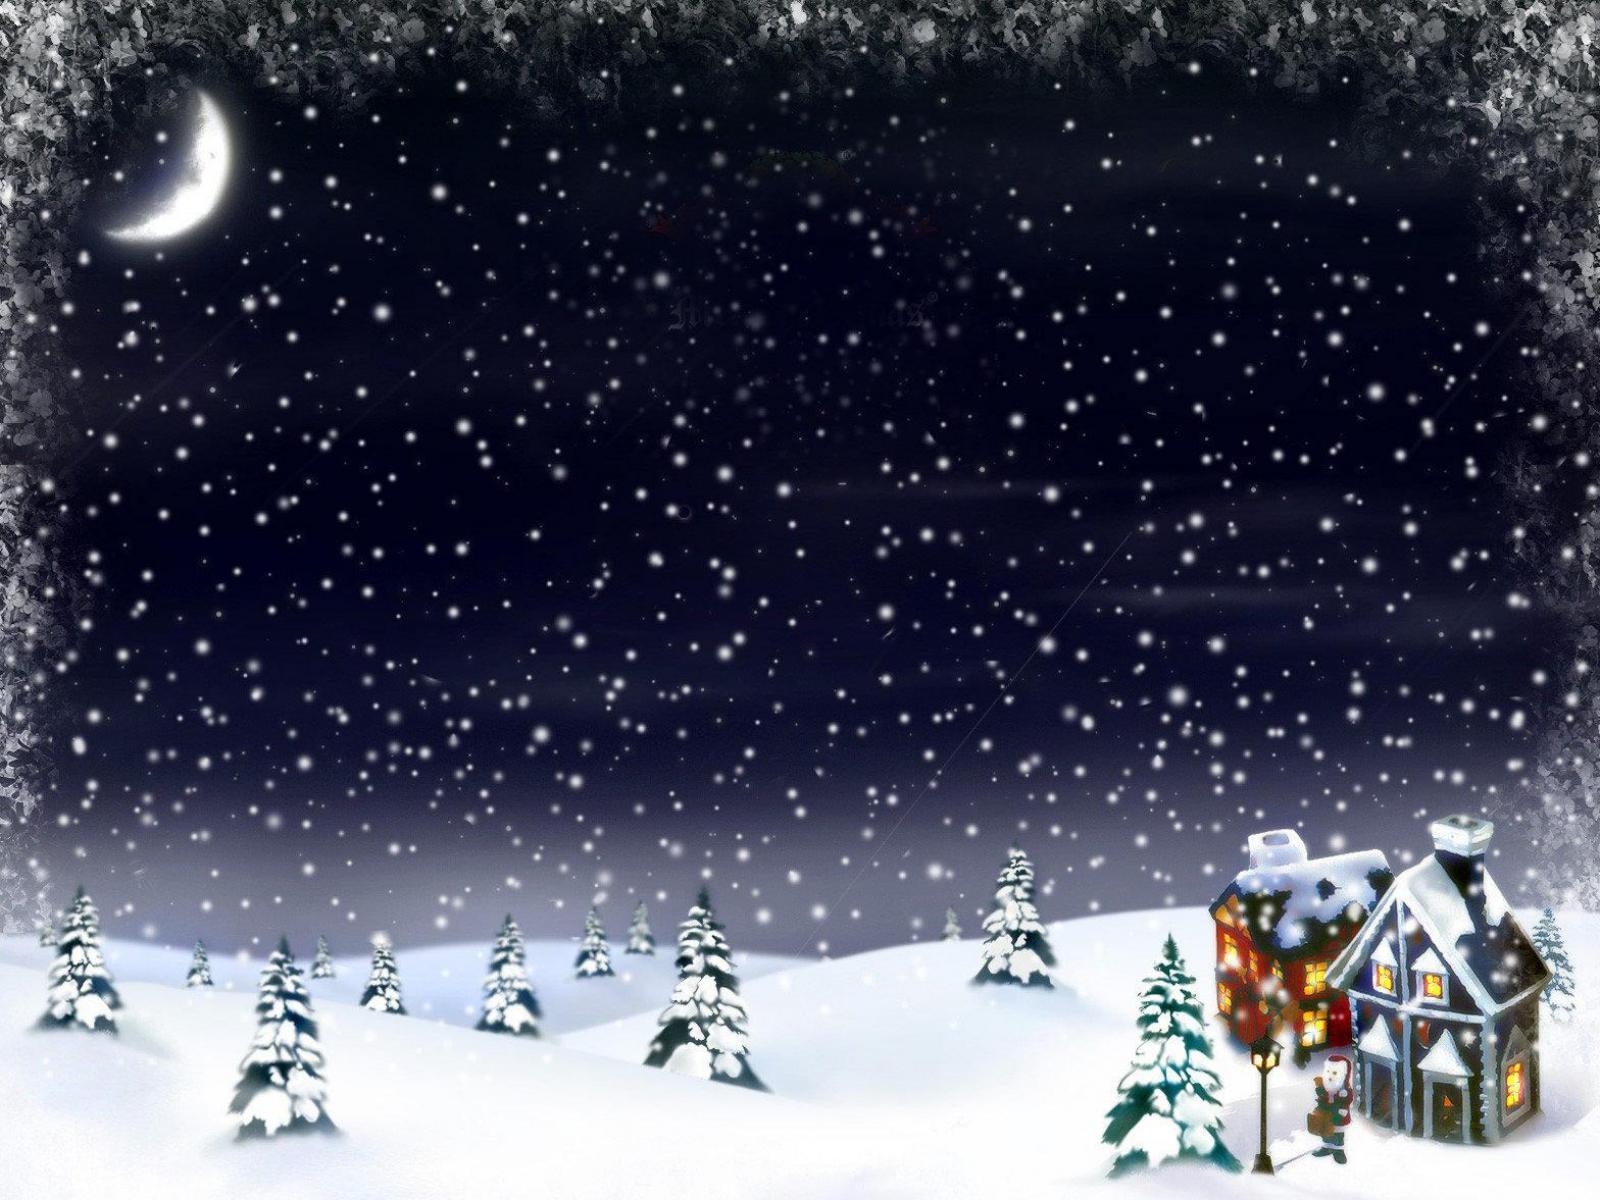 Зима и новый год на рабочий стол 1600x1200